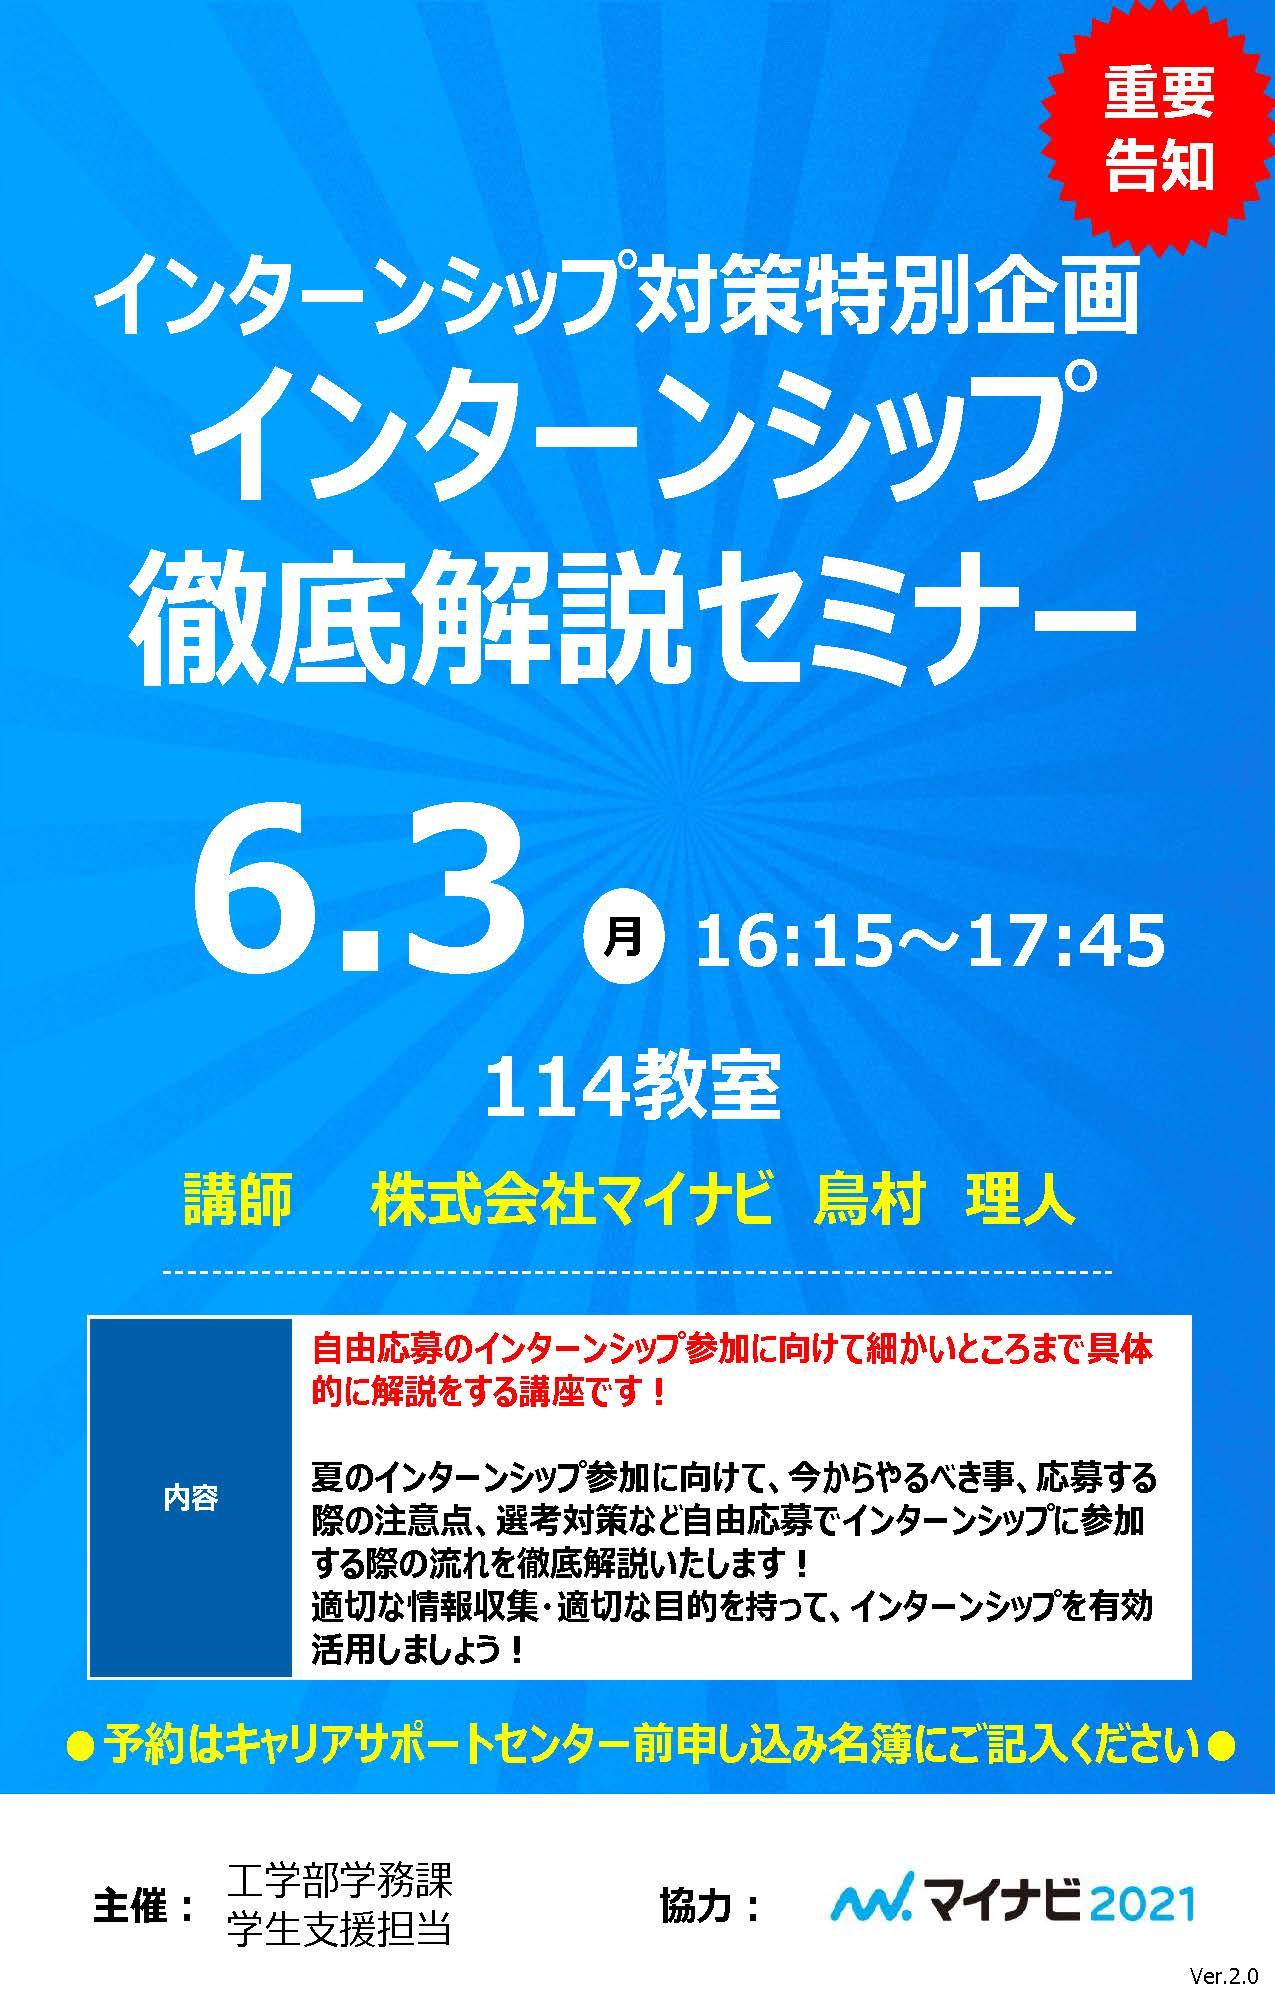 20190603山形大学米沢キャンパスインターンシップ徹底解説セミナーチラシ.jpg